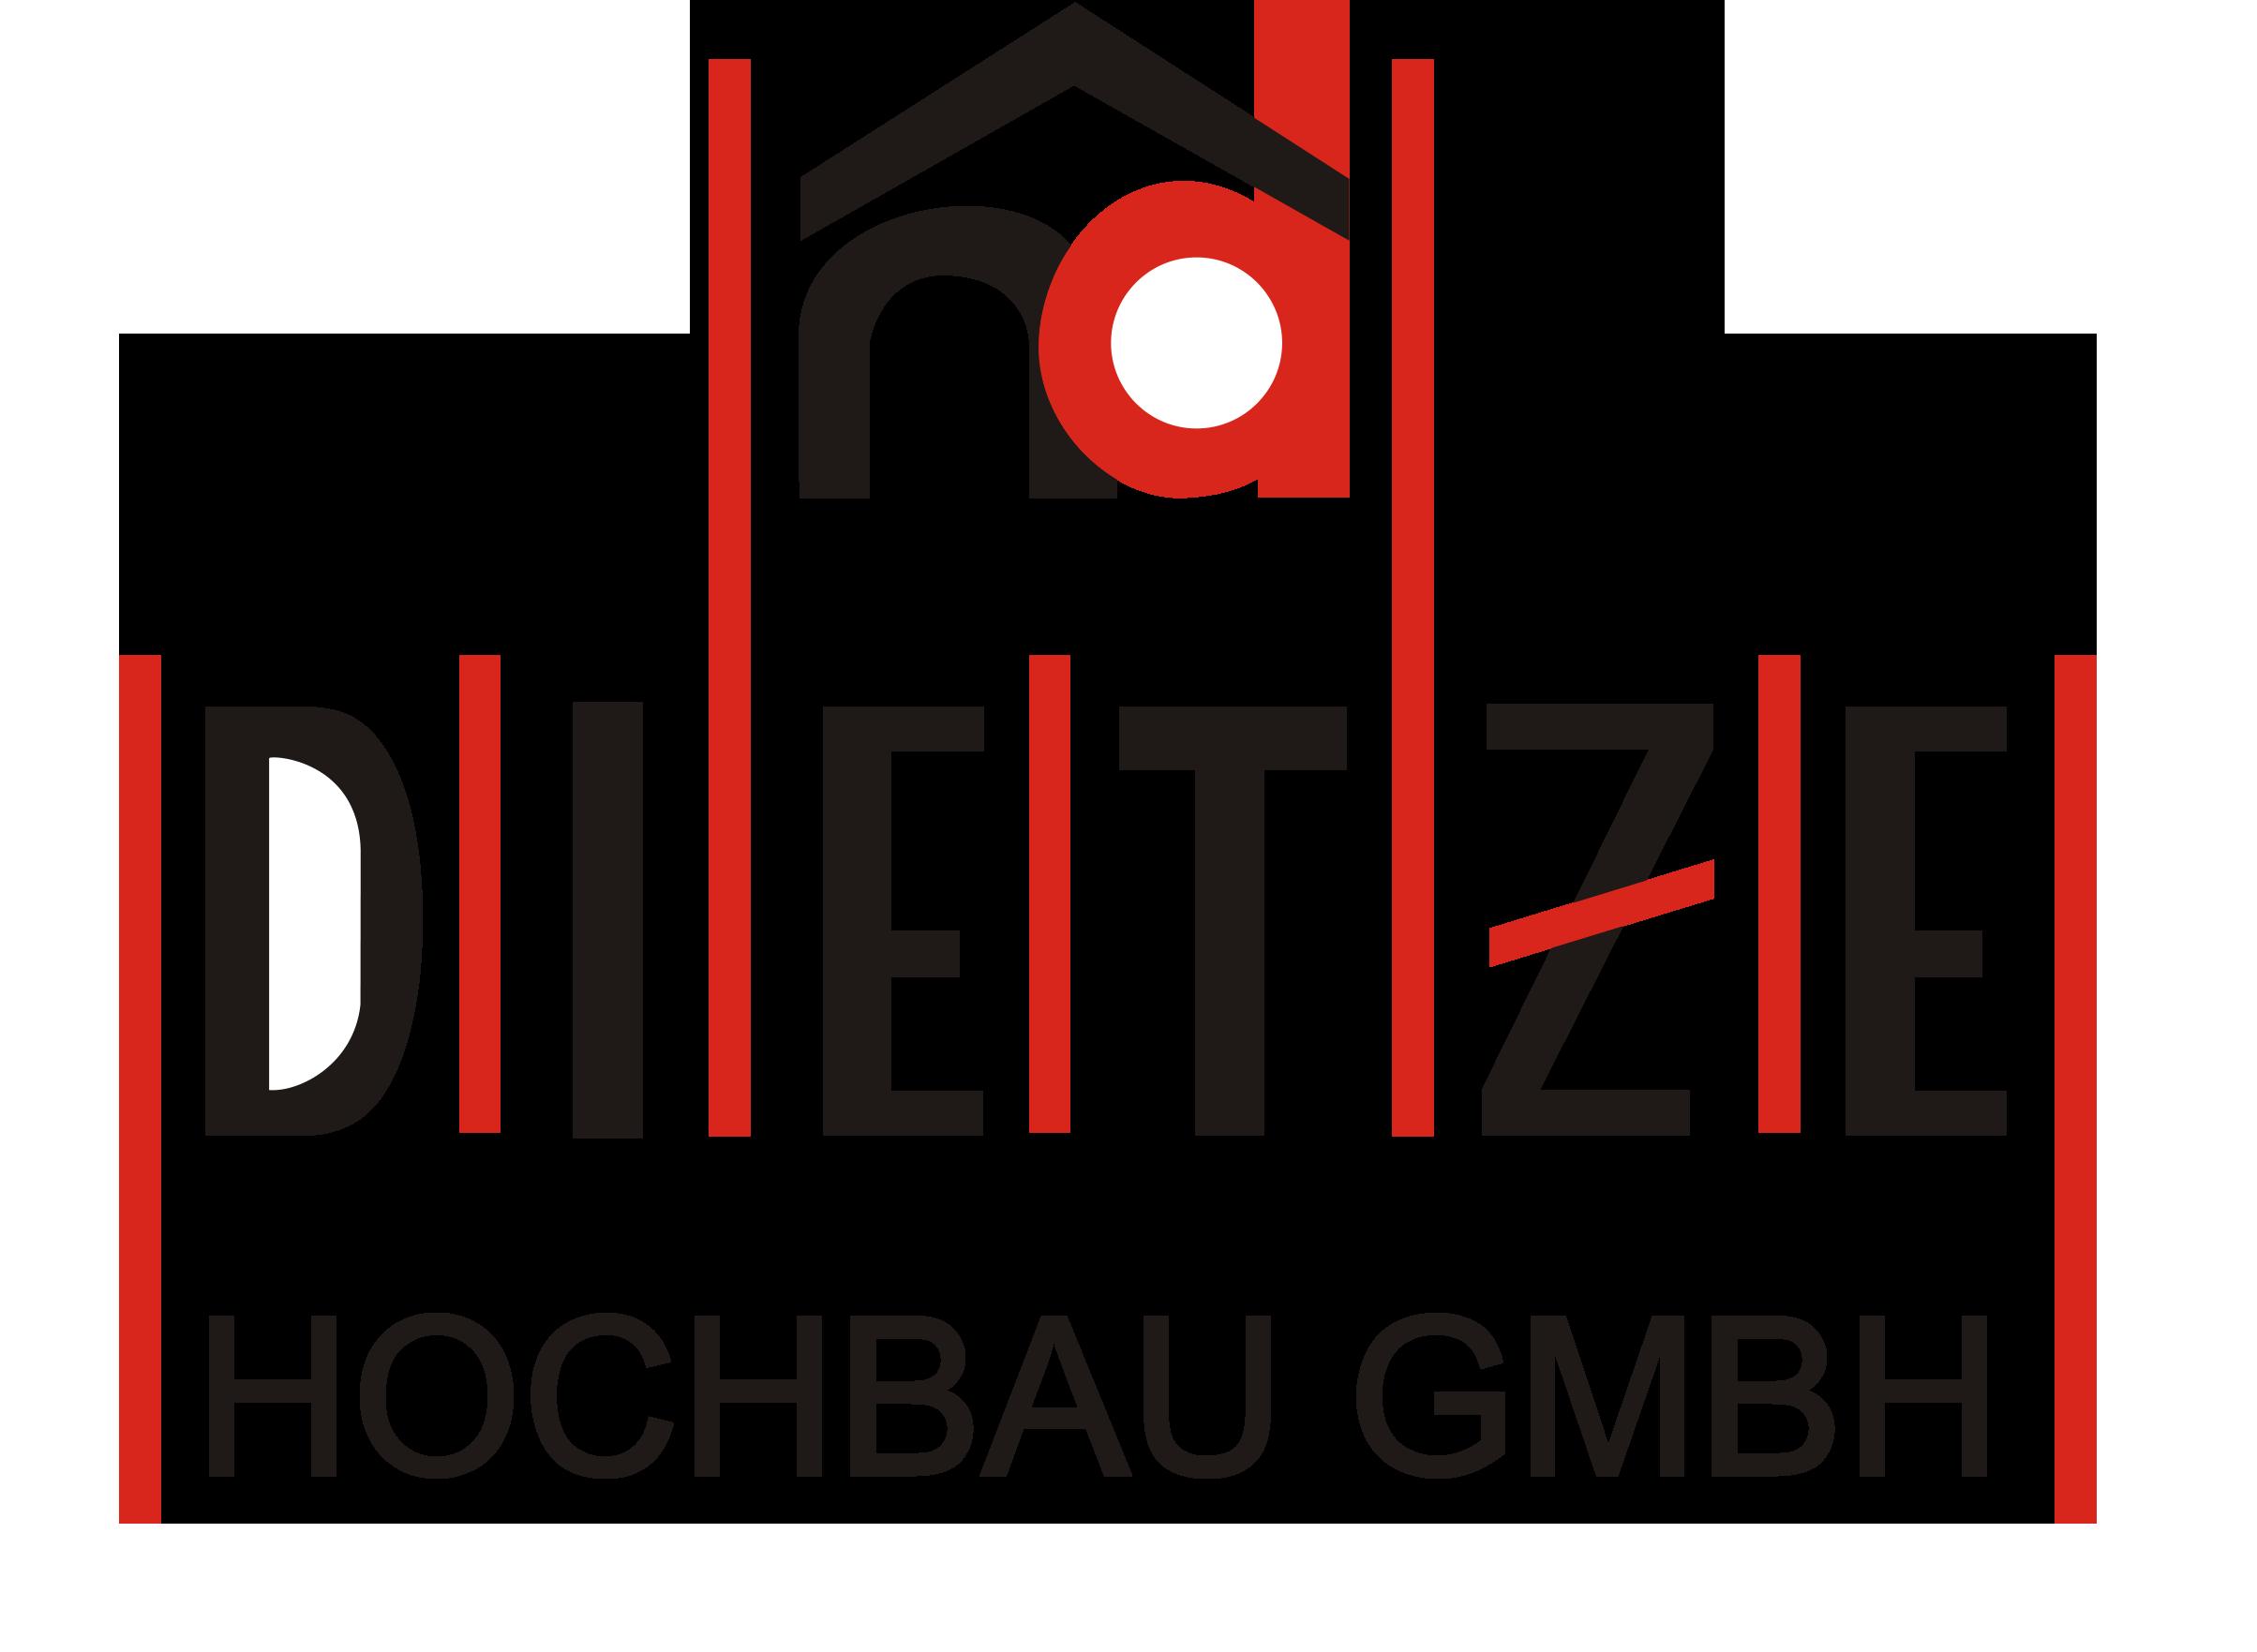 Dietze Hochbau GmbH